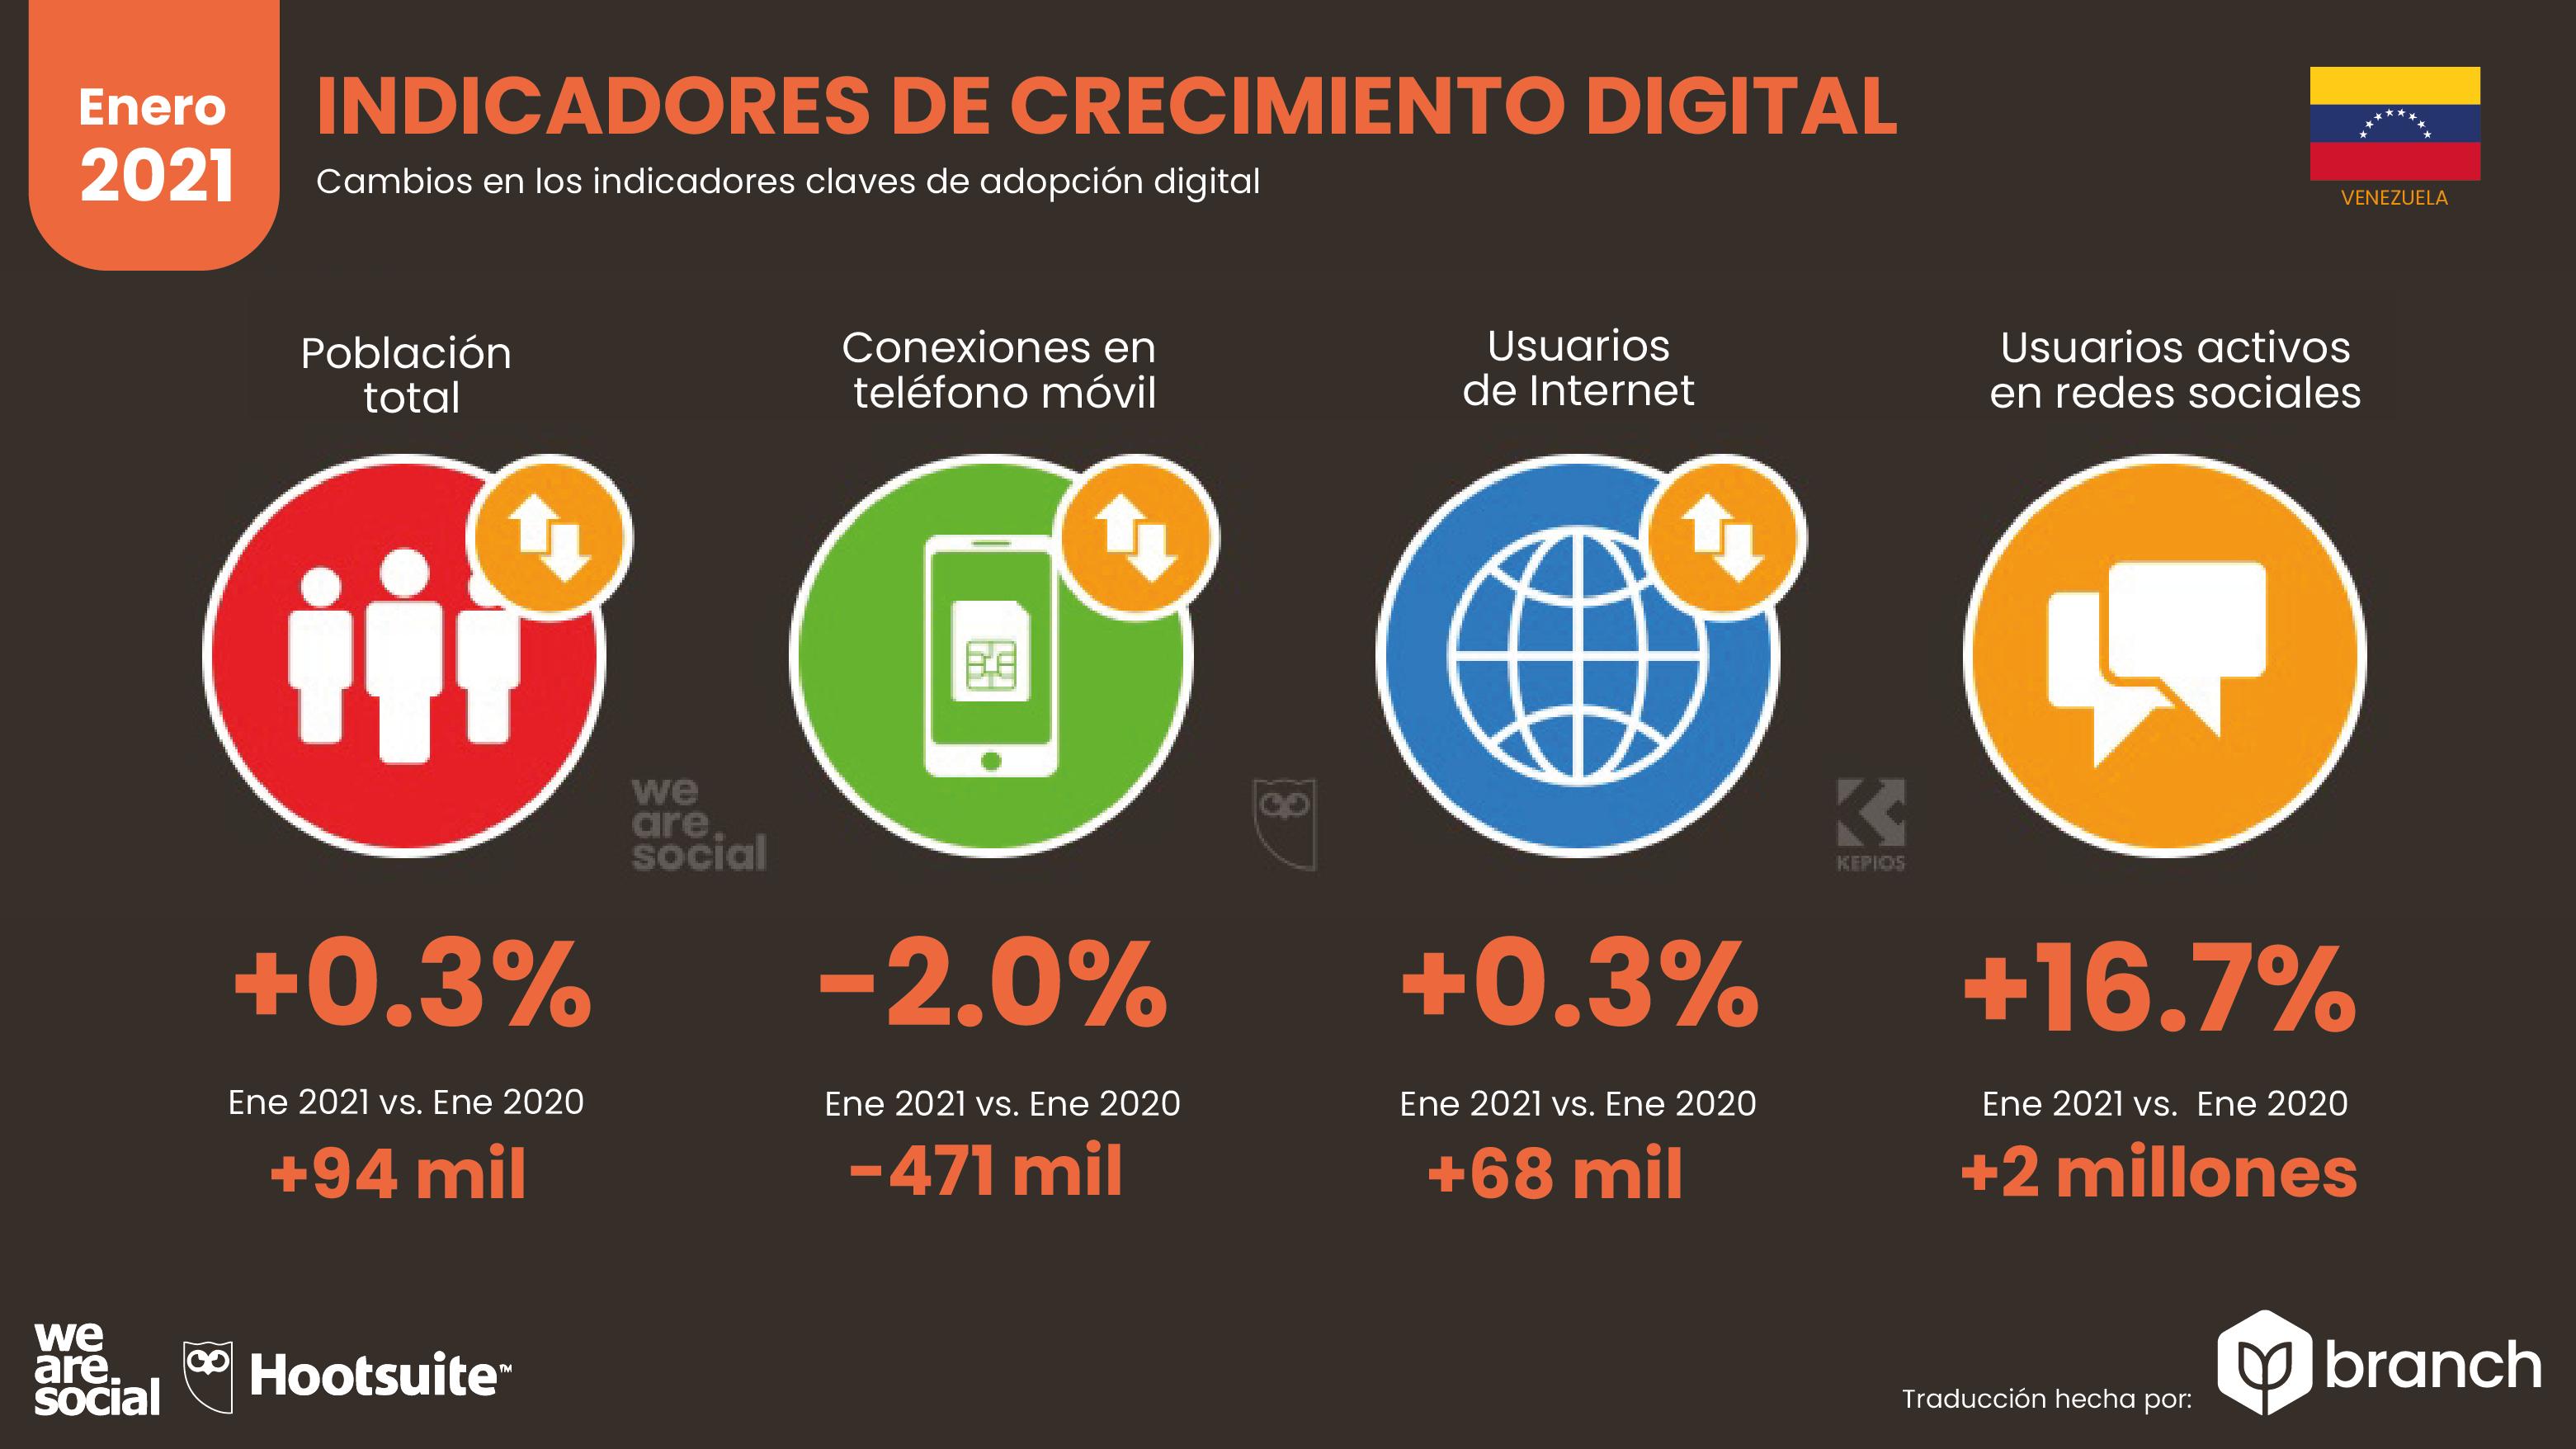 crecimiento-digital-venezuela-2021